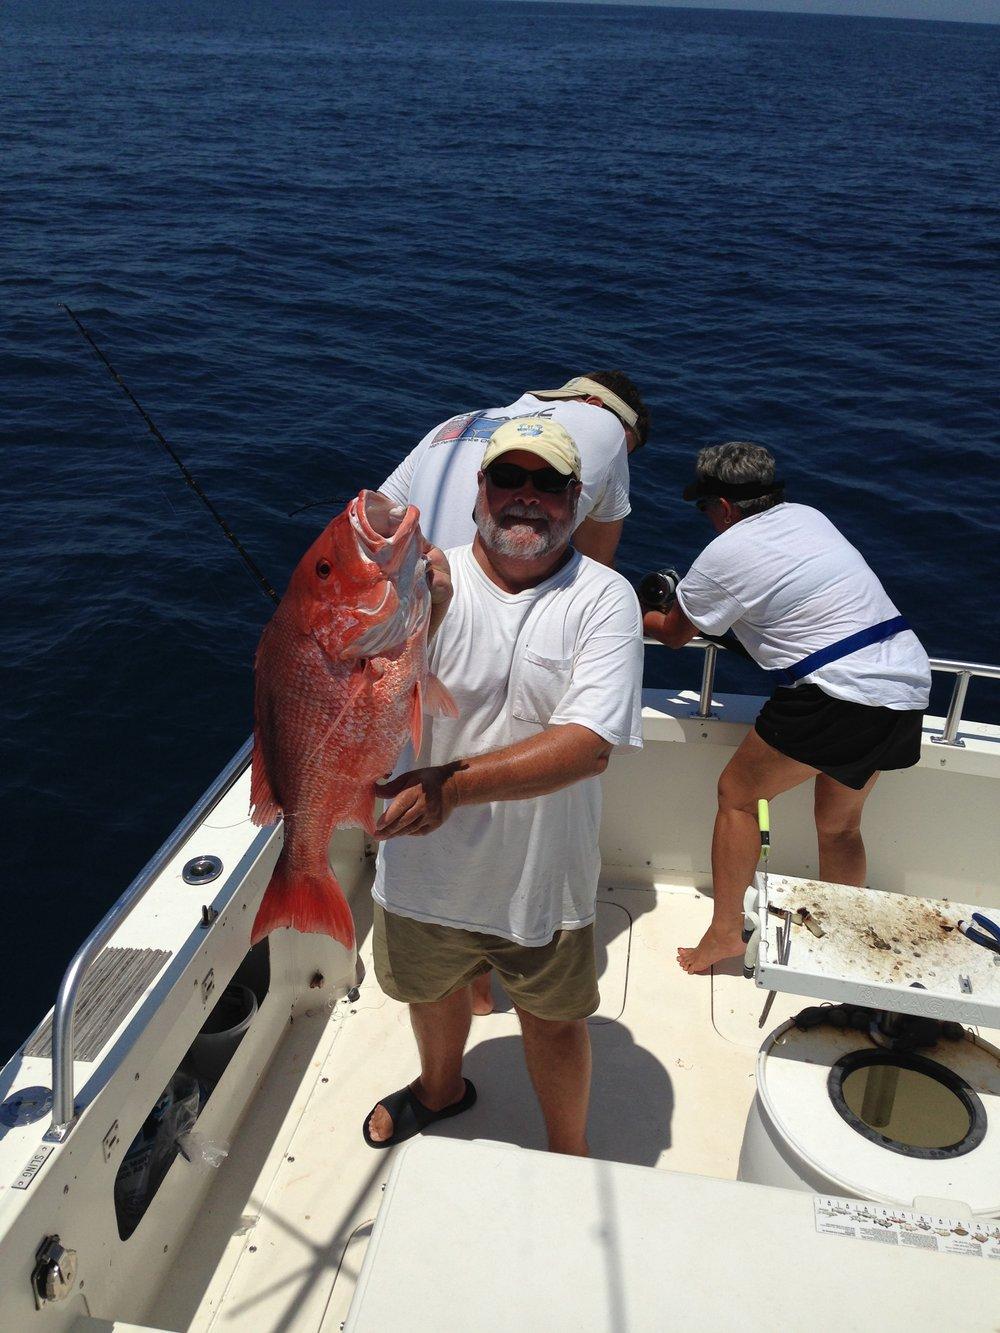 sportfishing_staugustine.JPG